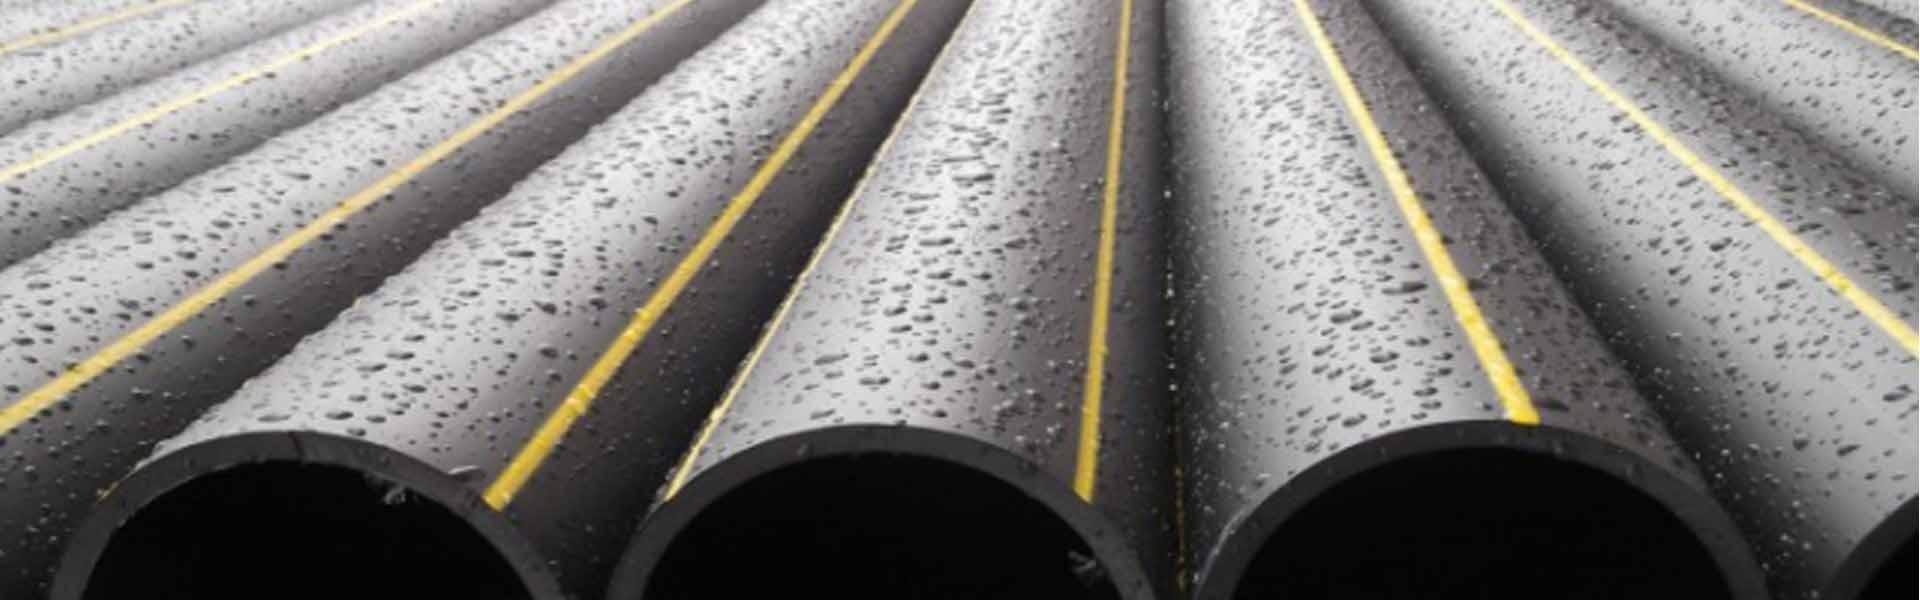 Компания «Потенциал» является надежным поставщиком труб для строительства газопроводов